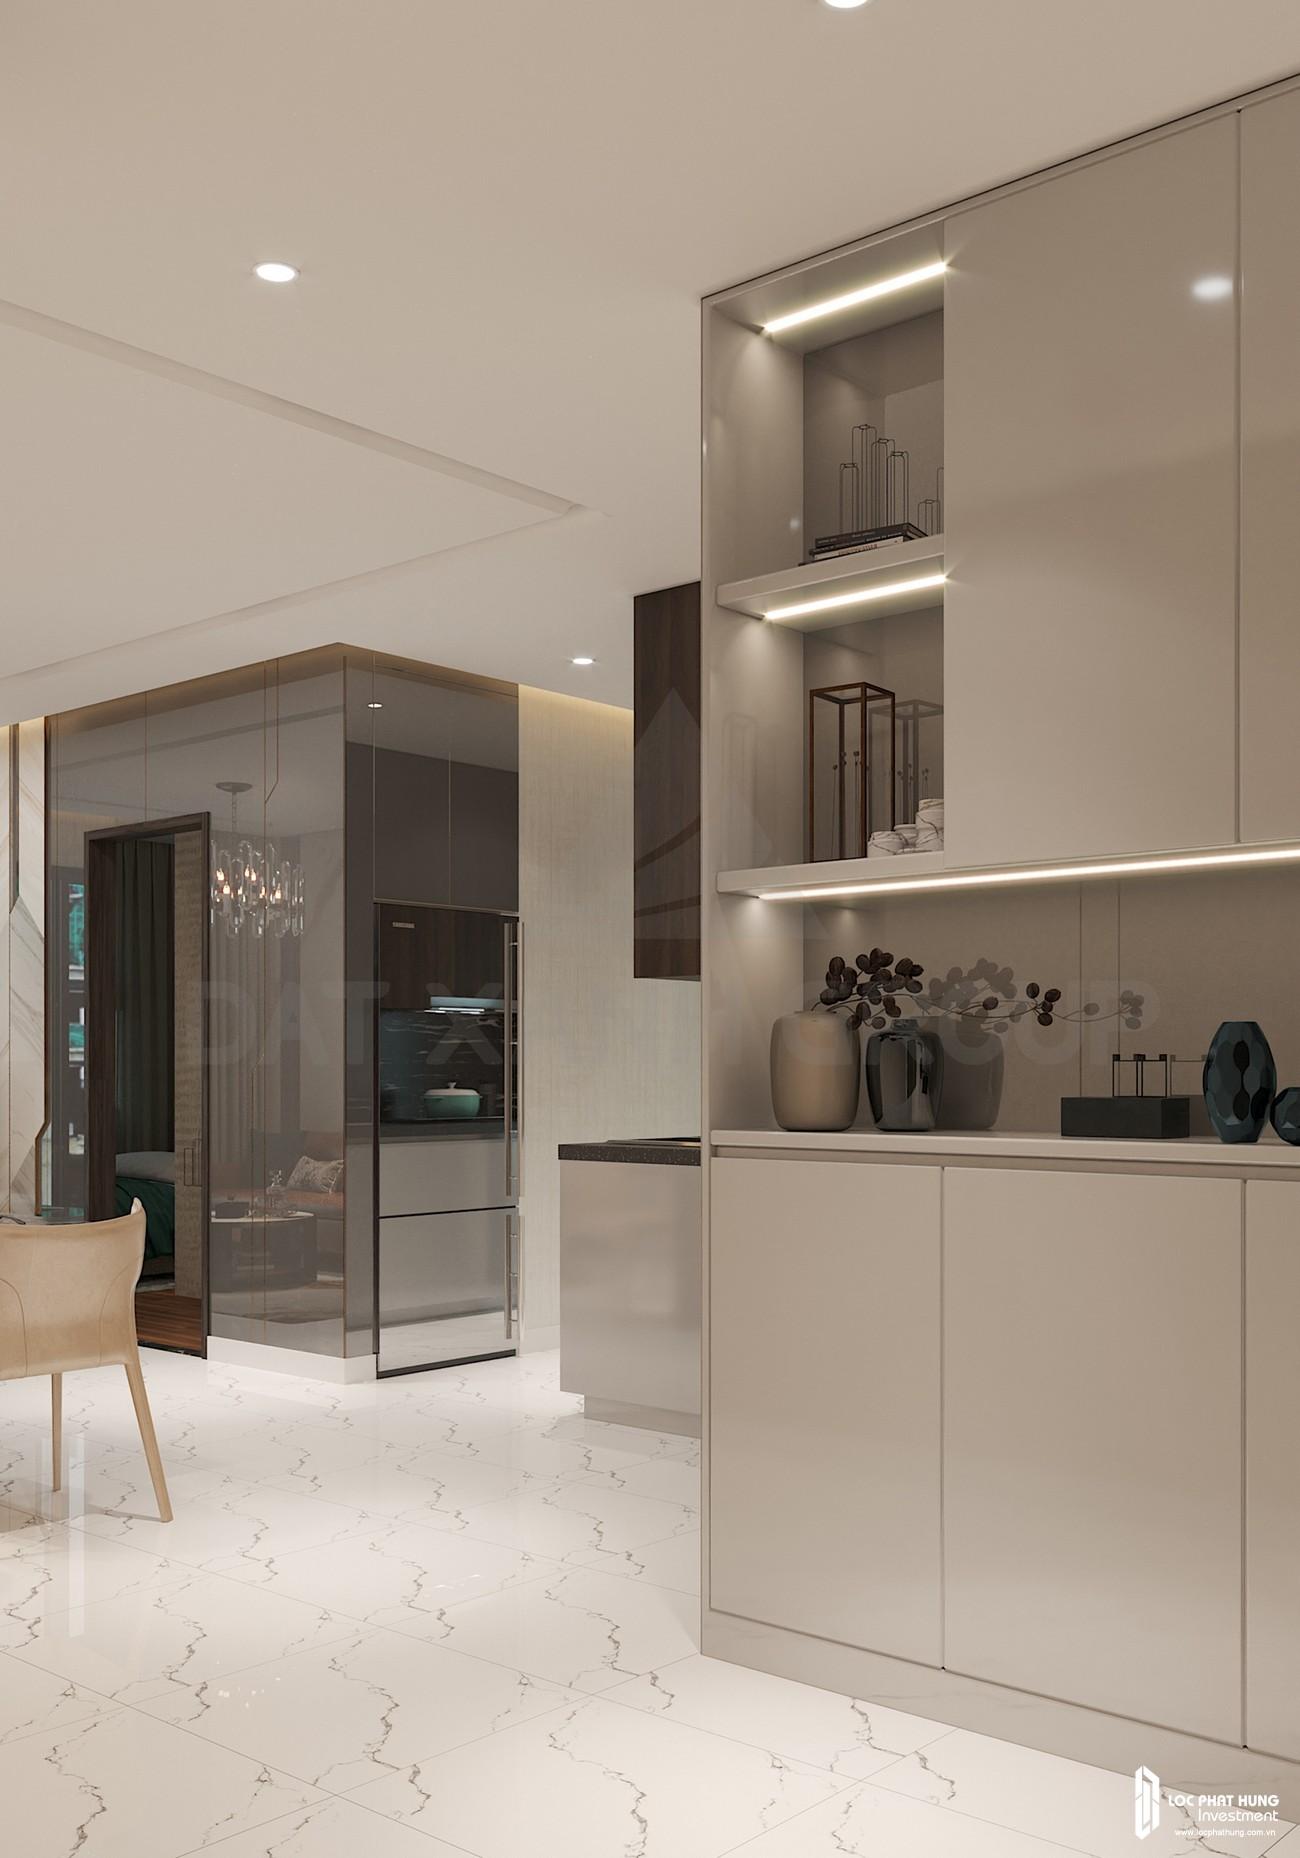 Thiế kế khu vực bếp của nhà mẫu loại 2 phòng ngủ dự án căn hộ chung cư Opal Skyline Thuận An